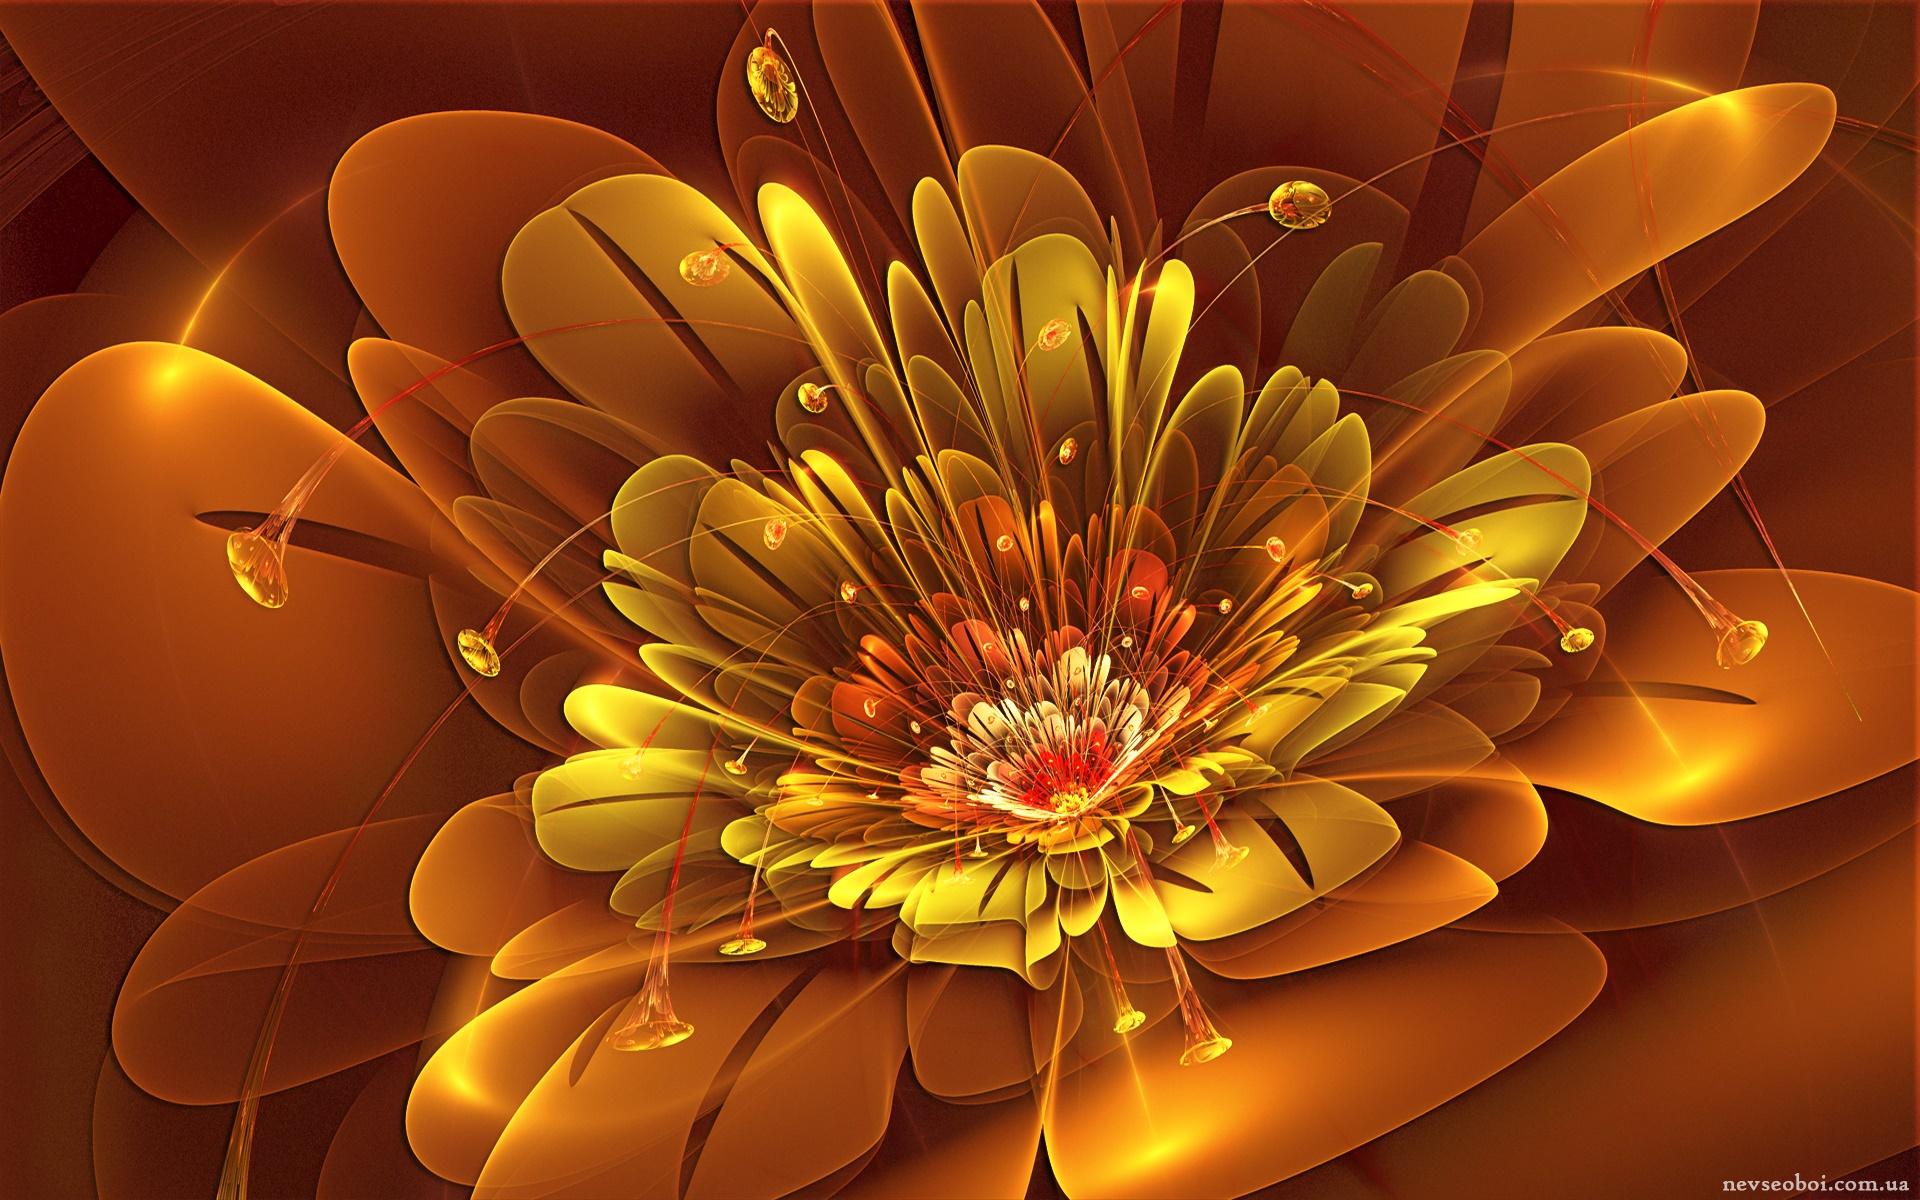 1383643831-3074234-nevseoboi.com.ua